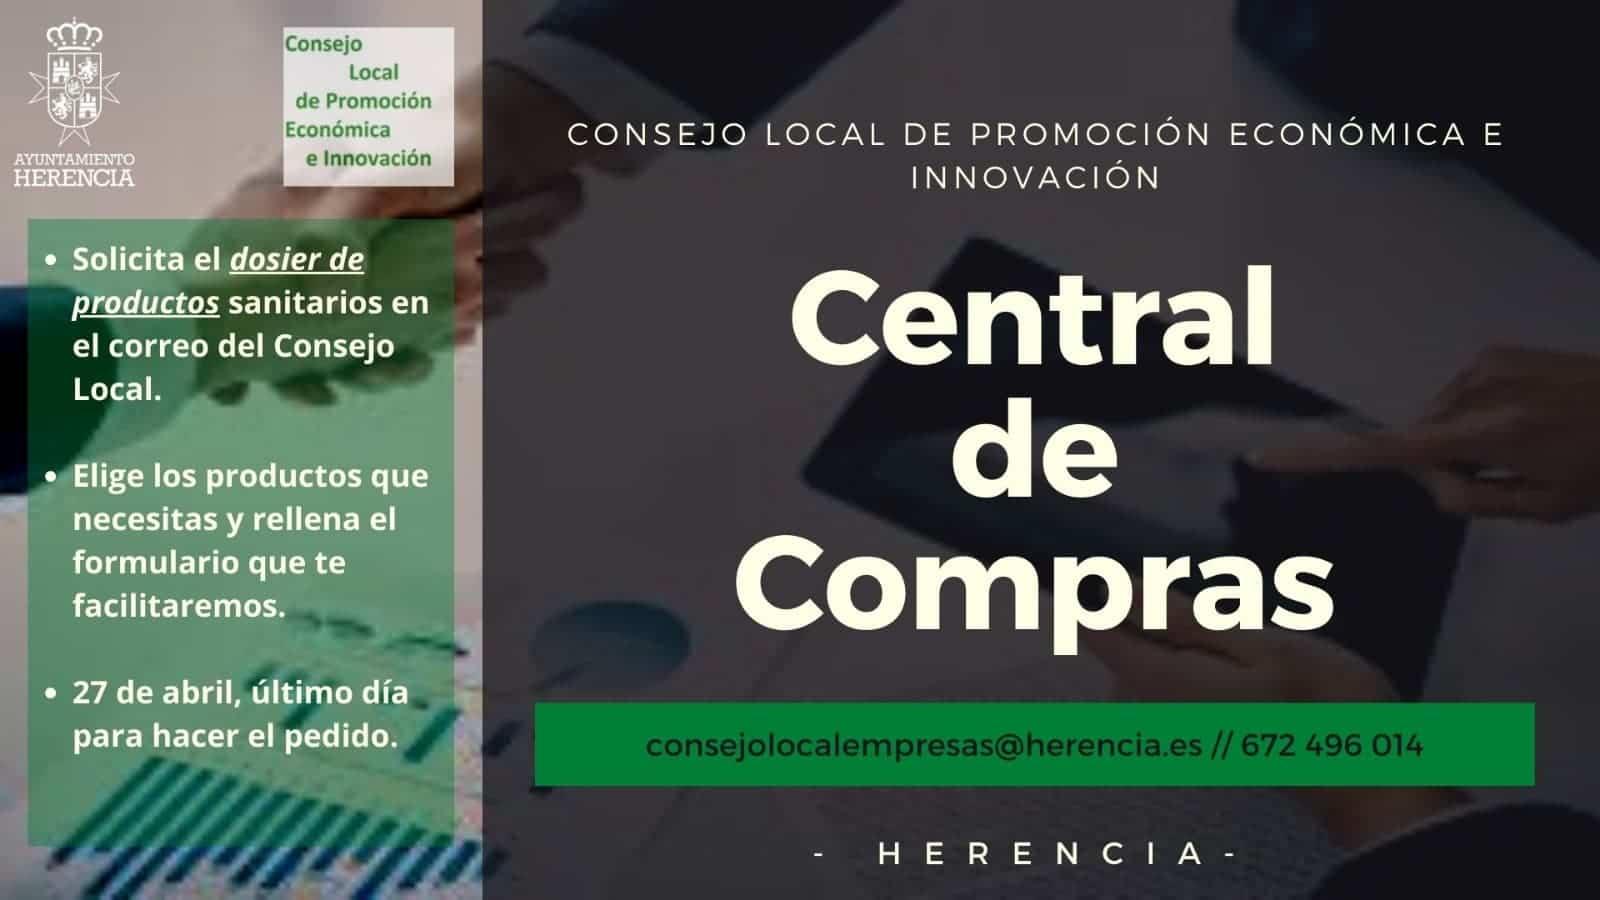 consejo empresas central de compras herencia - La empresas de Herencia ponen en marcha una central de compras frente al coronavirus